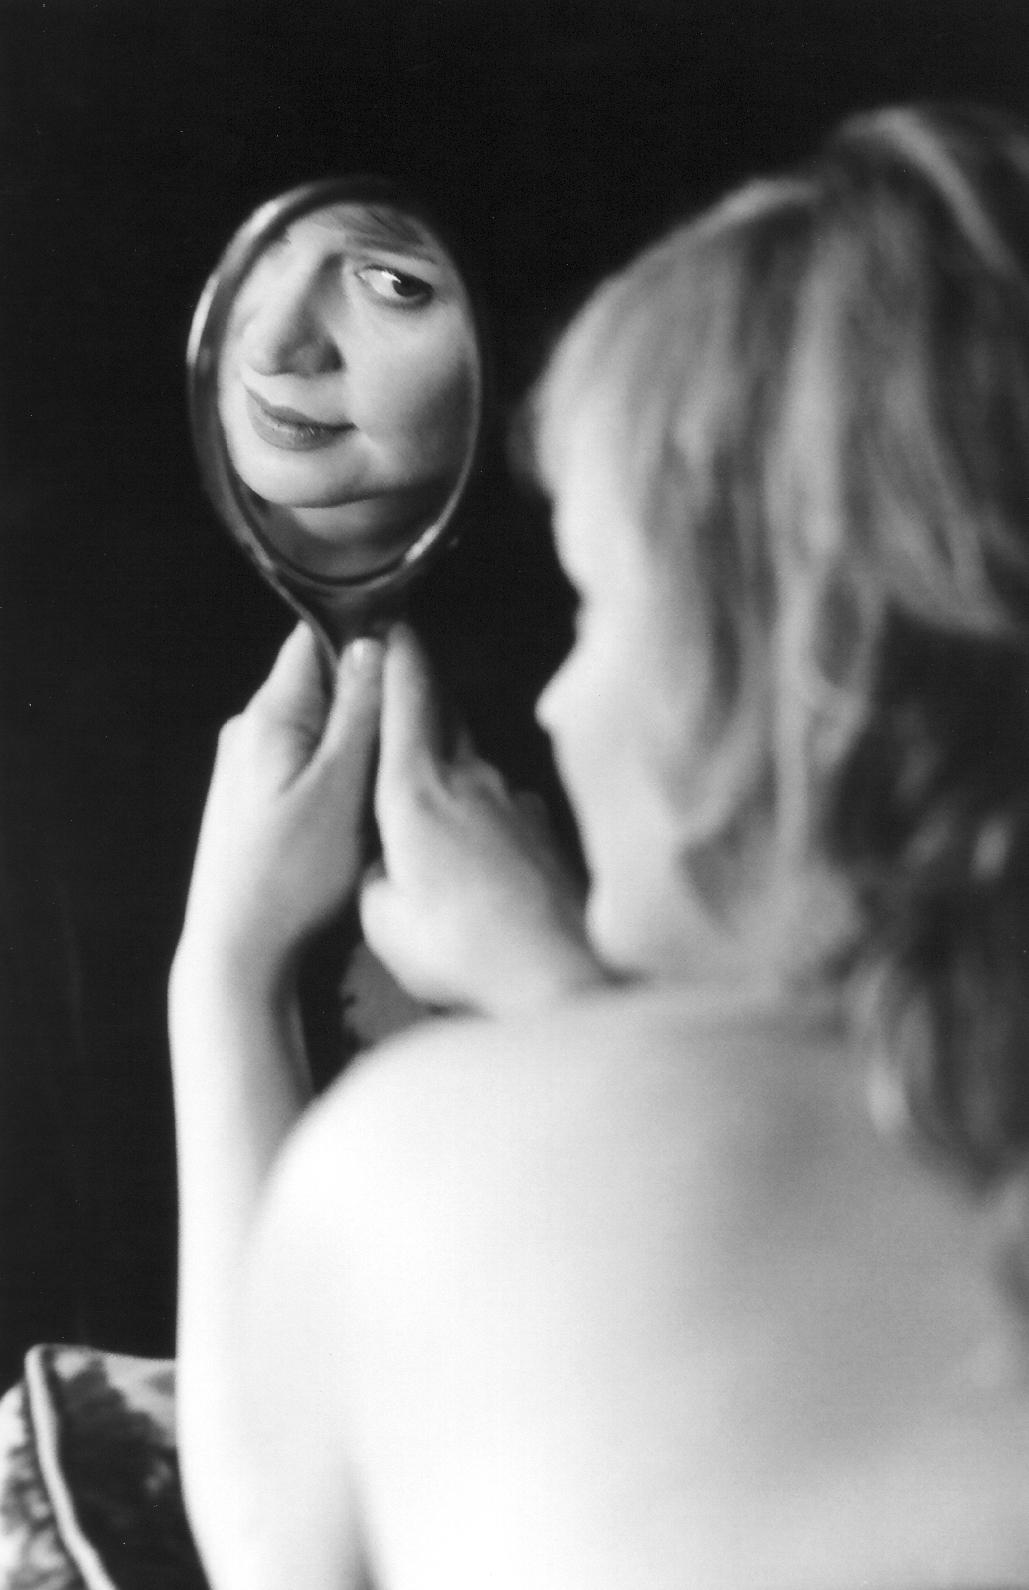 Erika_mirror_eye.jpg